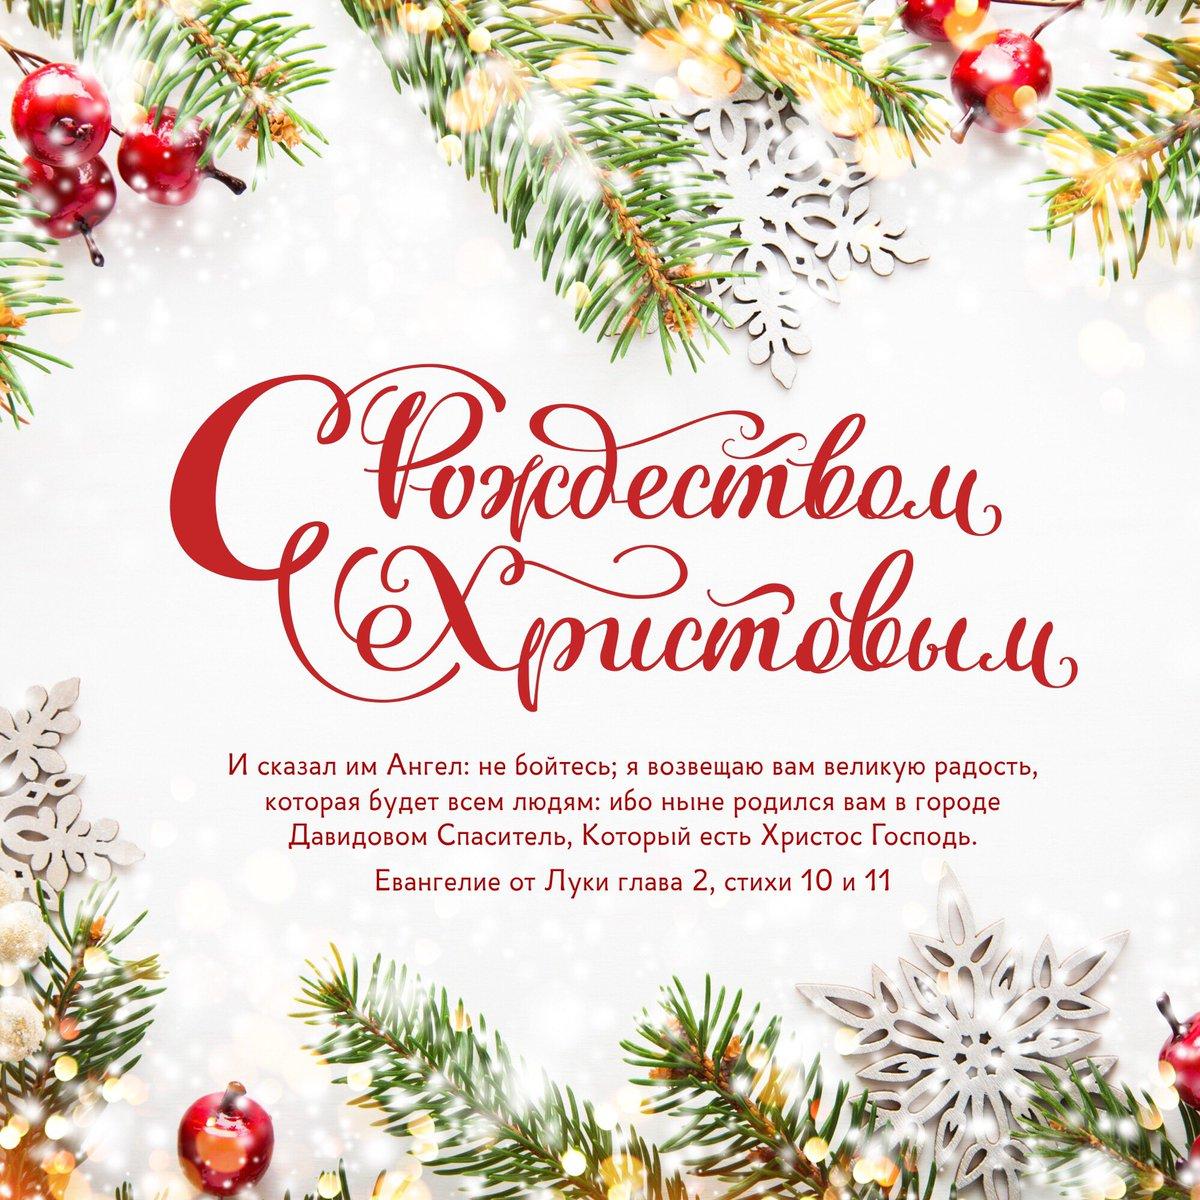 Варианты поздравлений с новым годом и рождеством всей